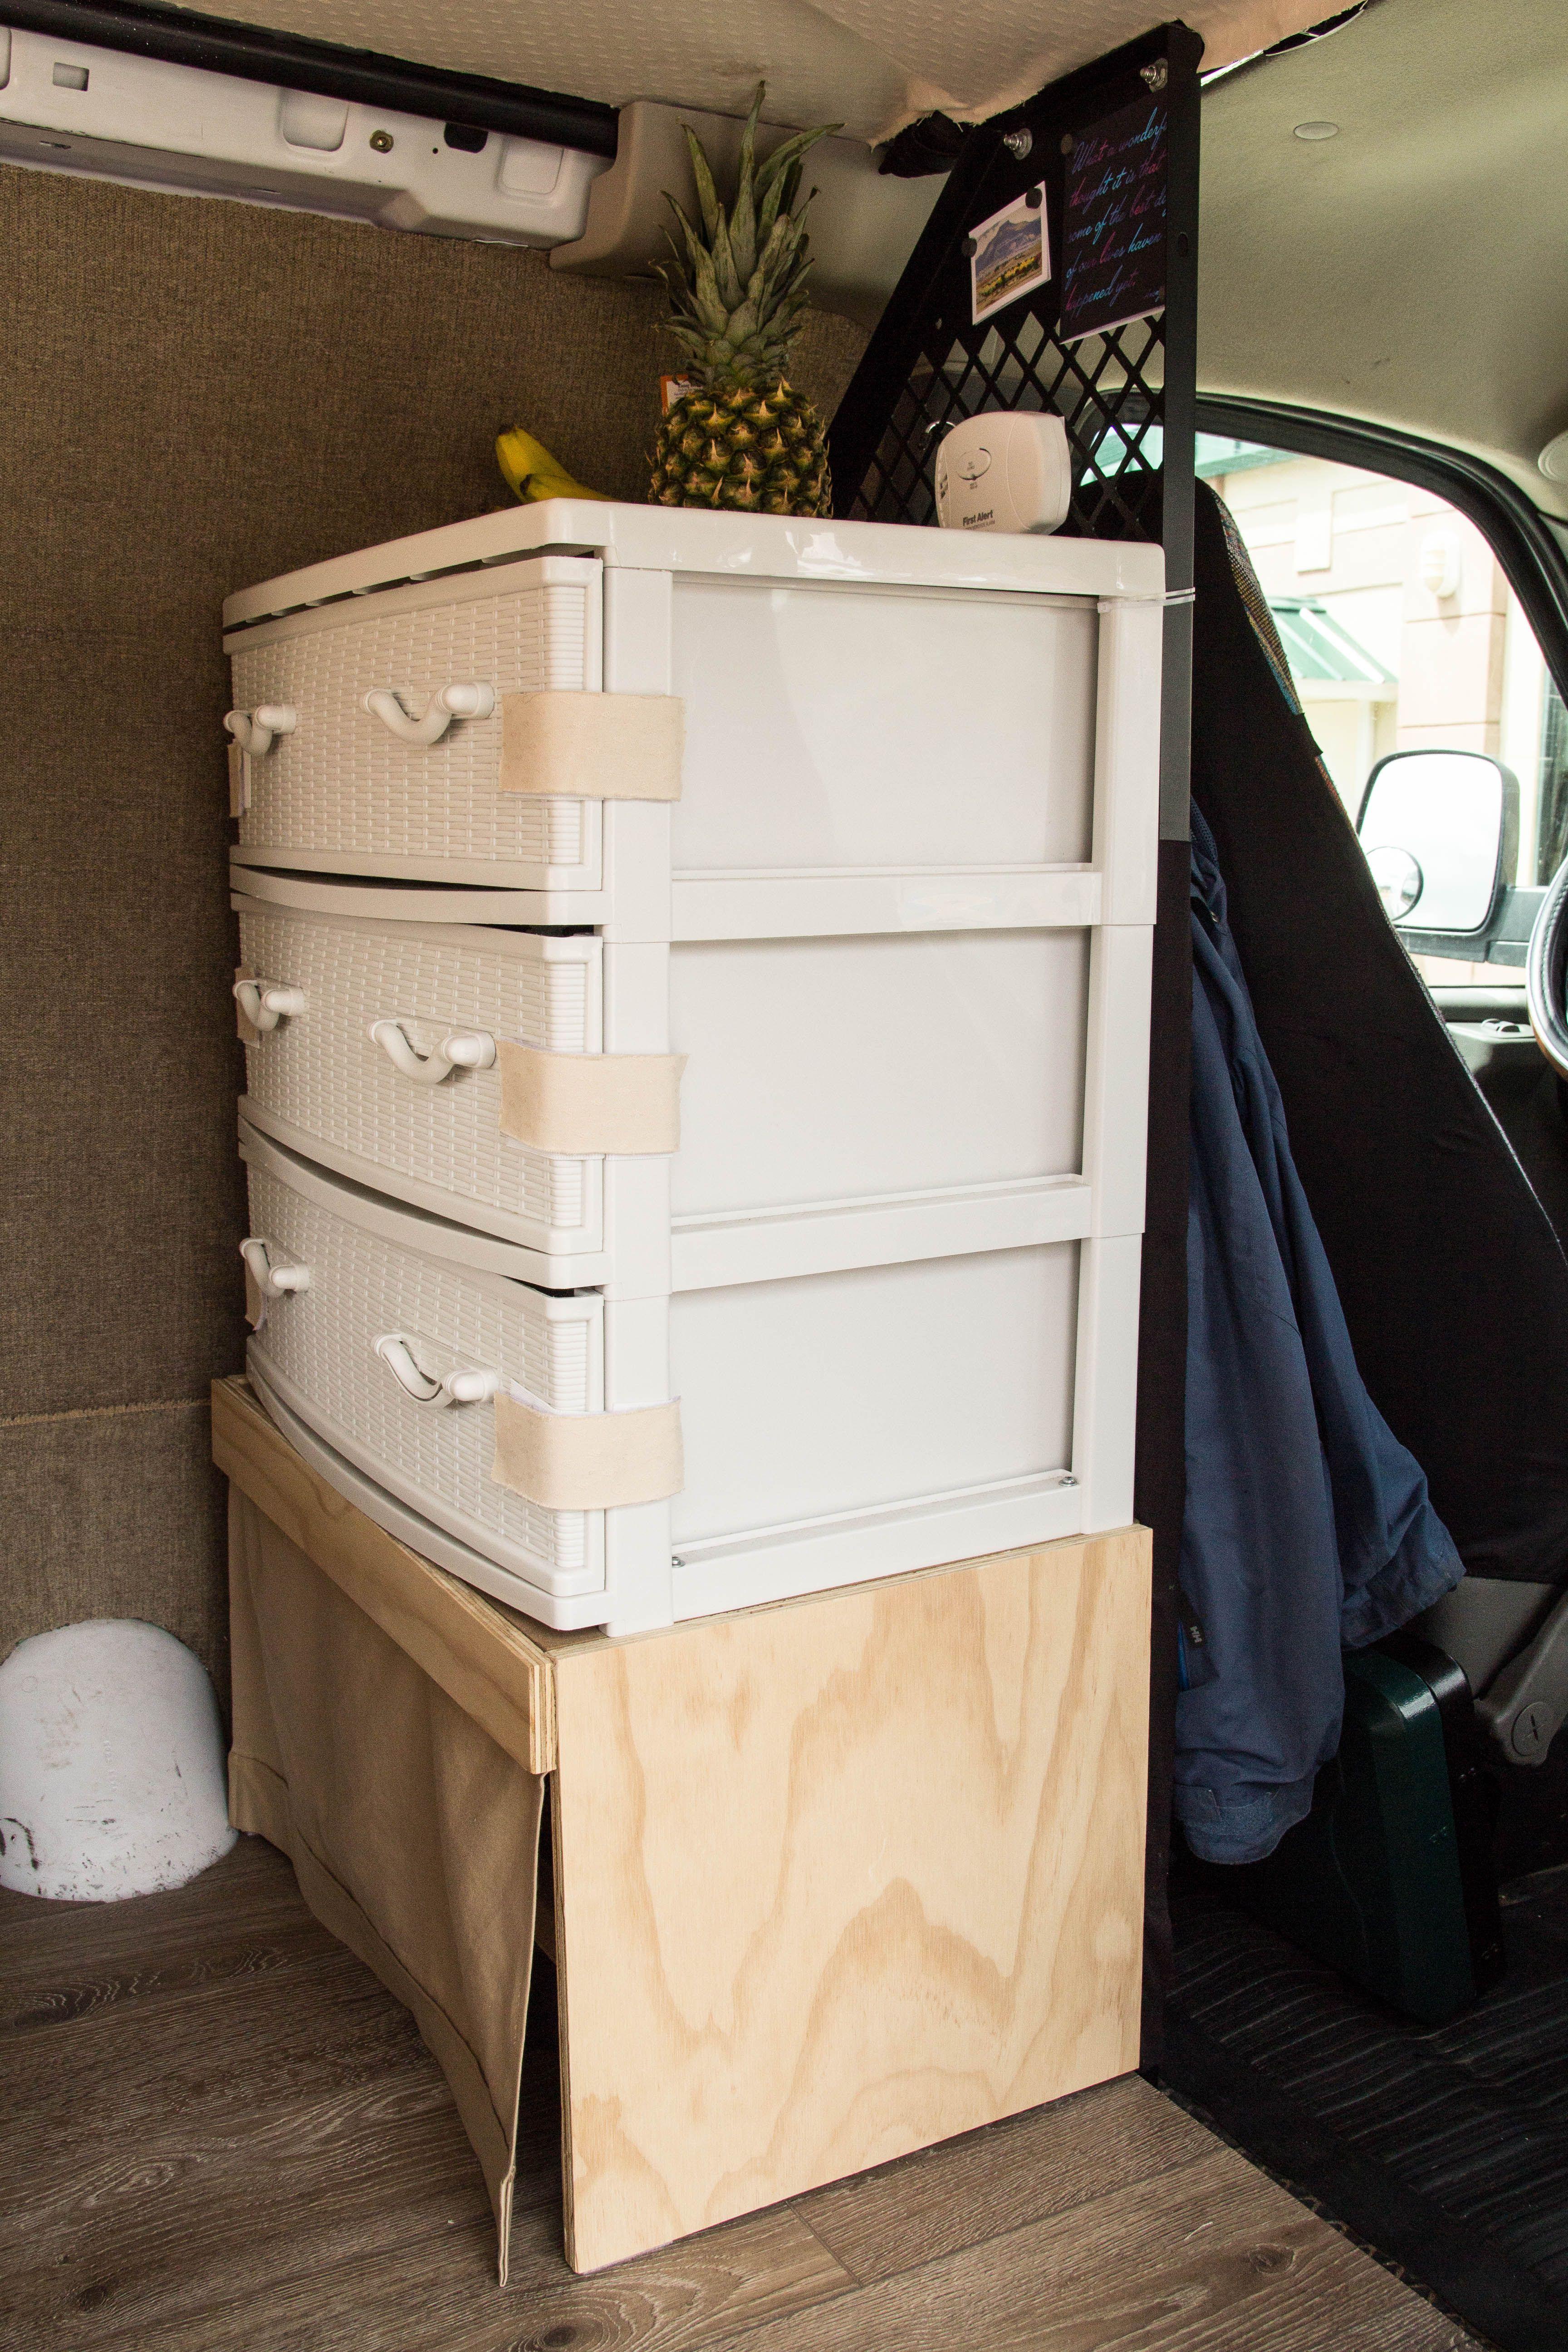 Van build, DIY van shelf, cargo van conversion, pantry, van